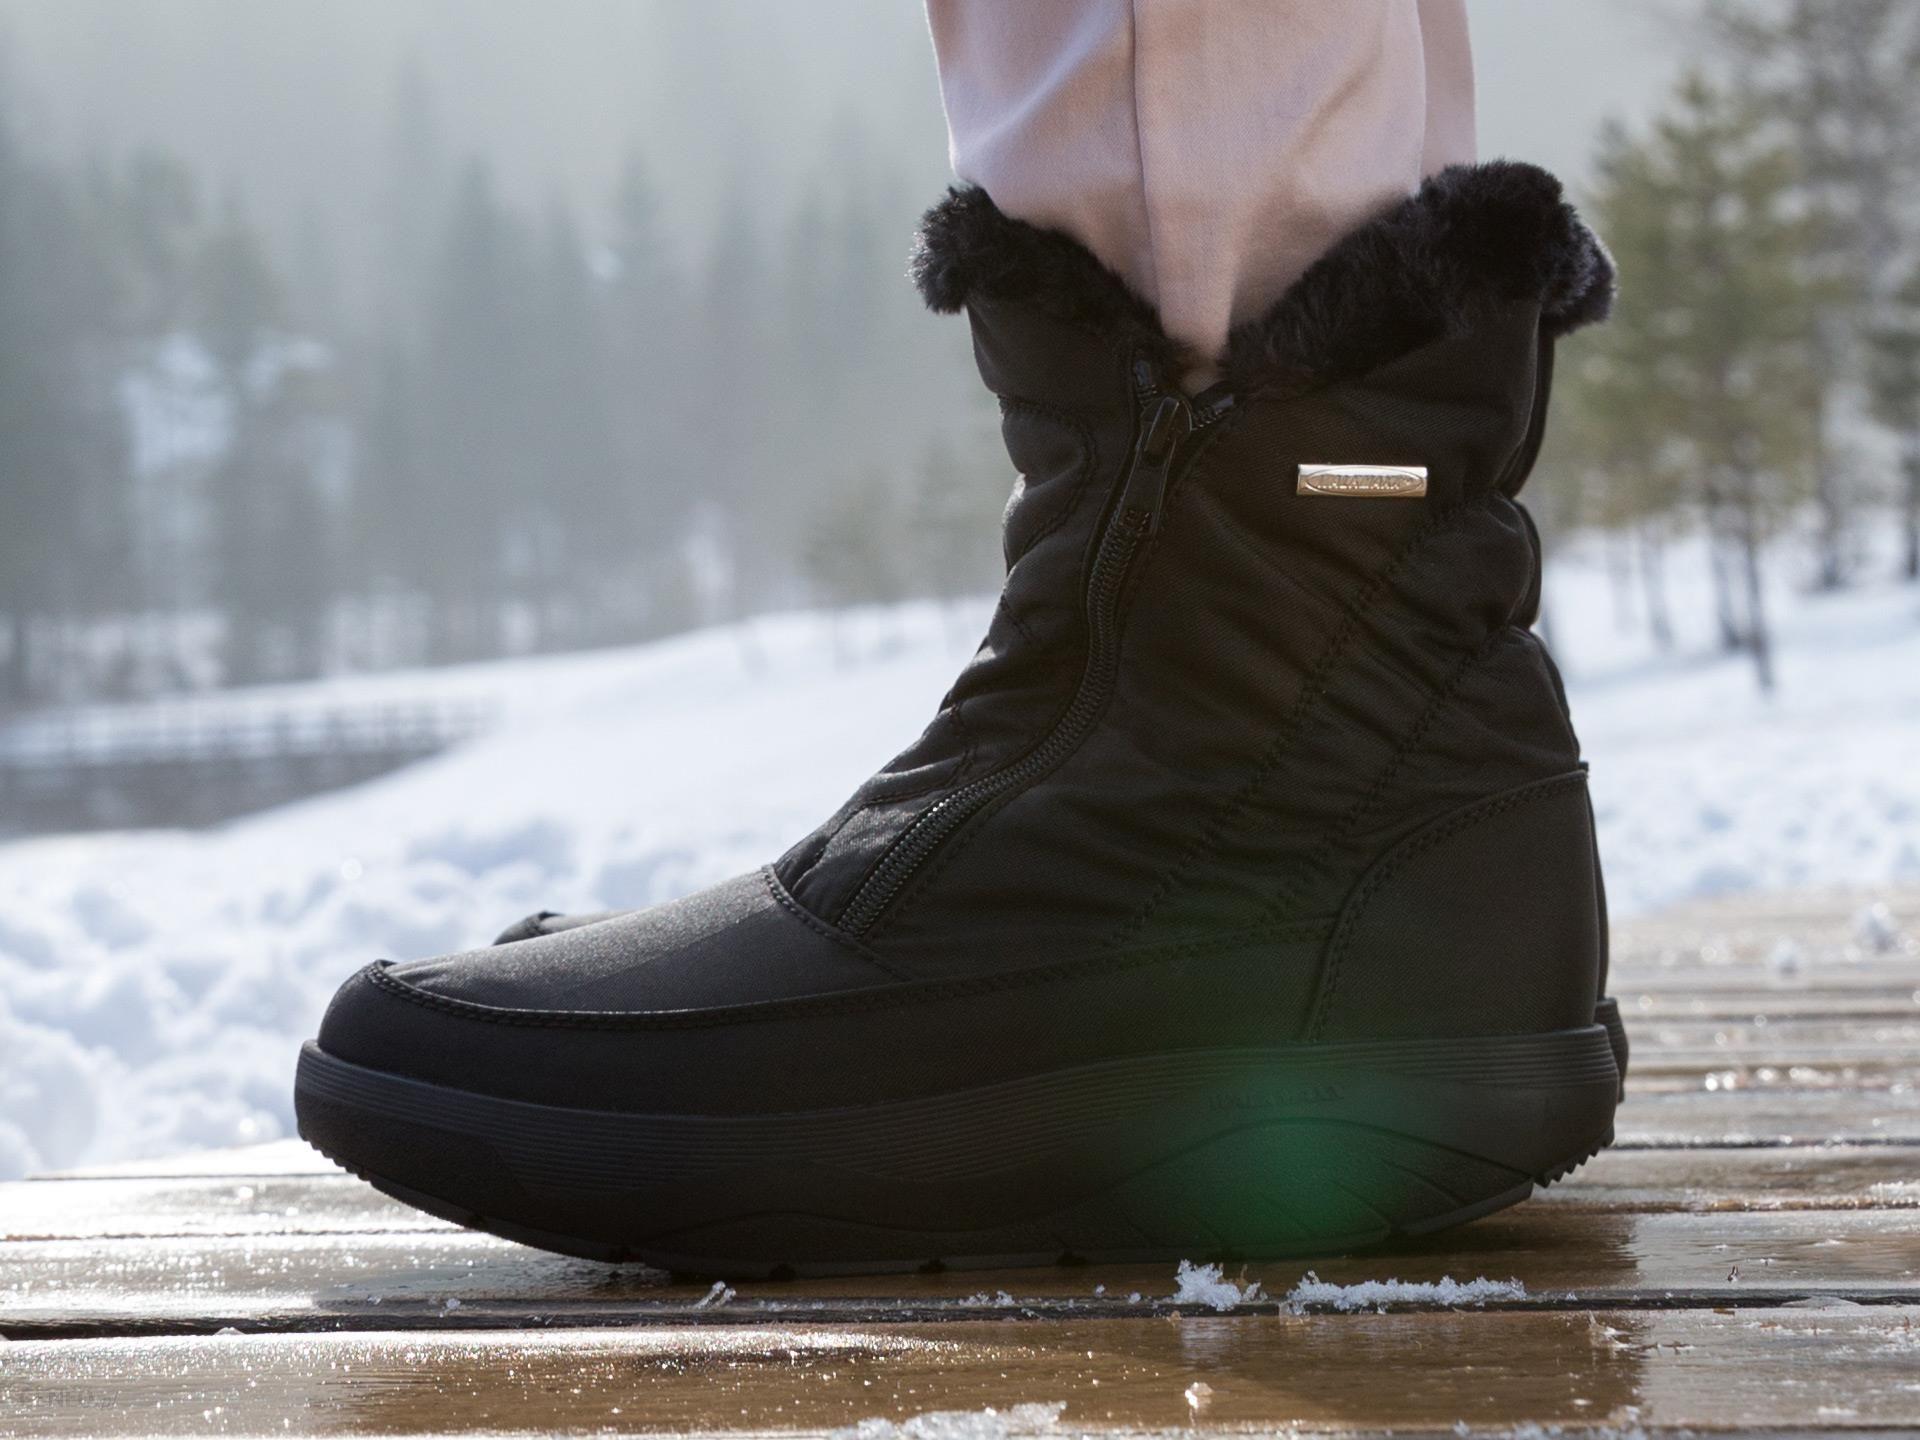 56b4fd7a Fit Damskie buty zimowe Walkmaxx OC System Walkmaxx - Ceny i opinie ...